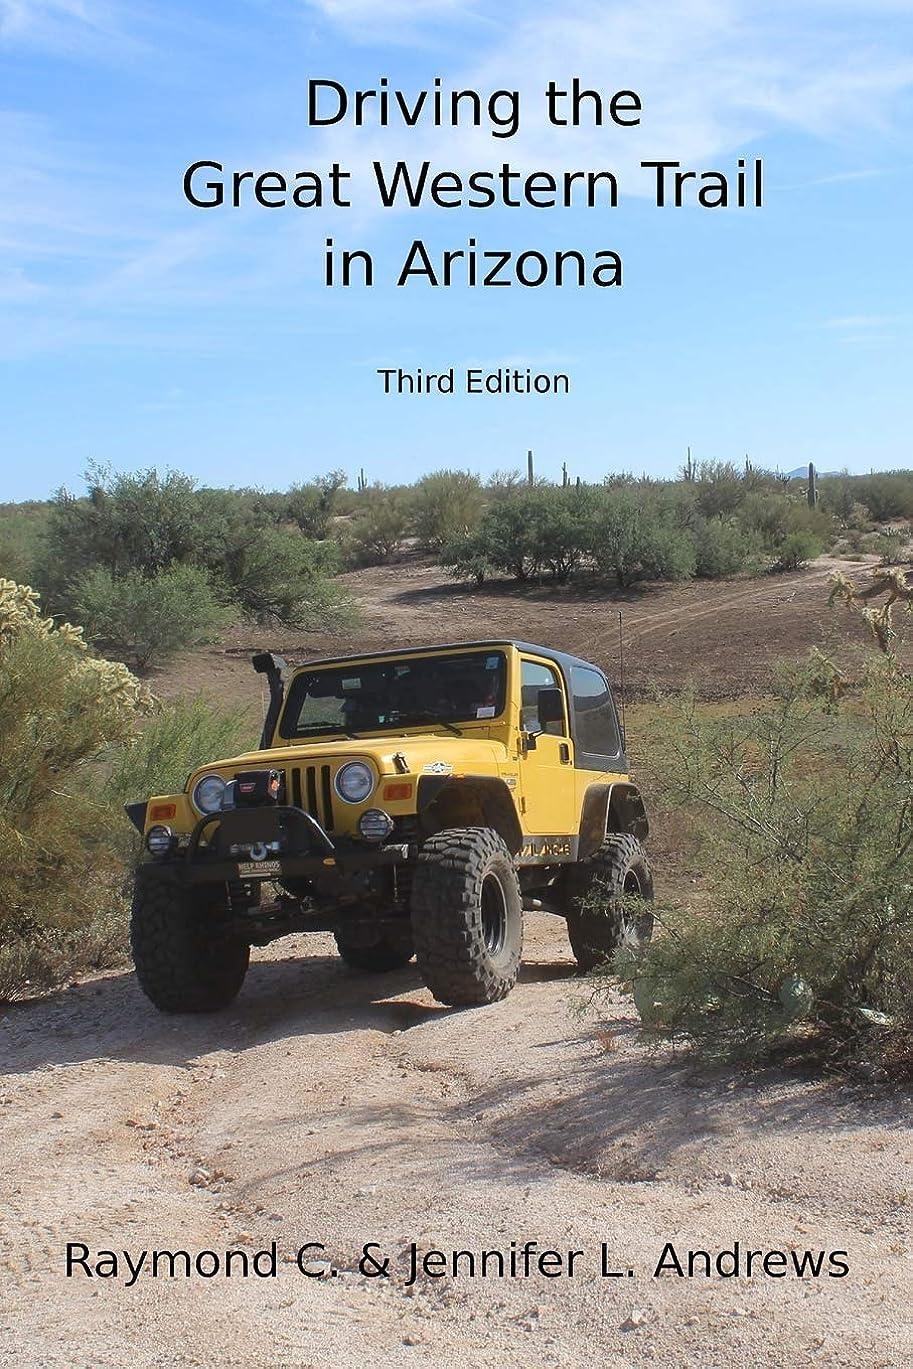 奇跡津波不可能なDriving the Great Western Trail in Arizona: An Off-road Travel Guide to the Great Western Trail in Arizona